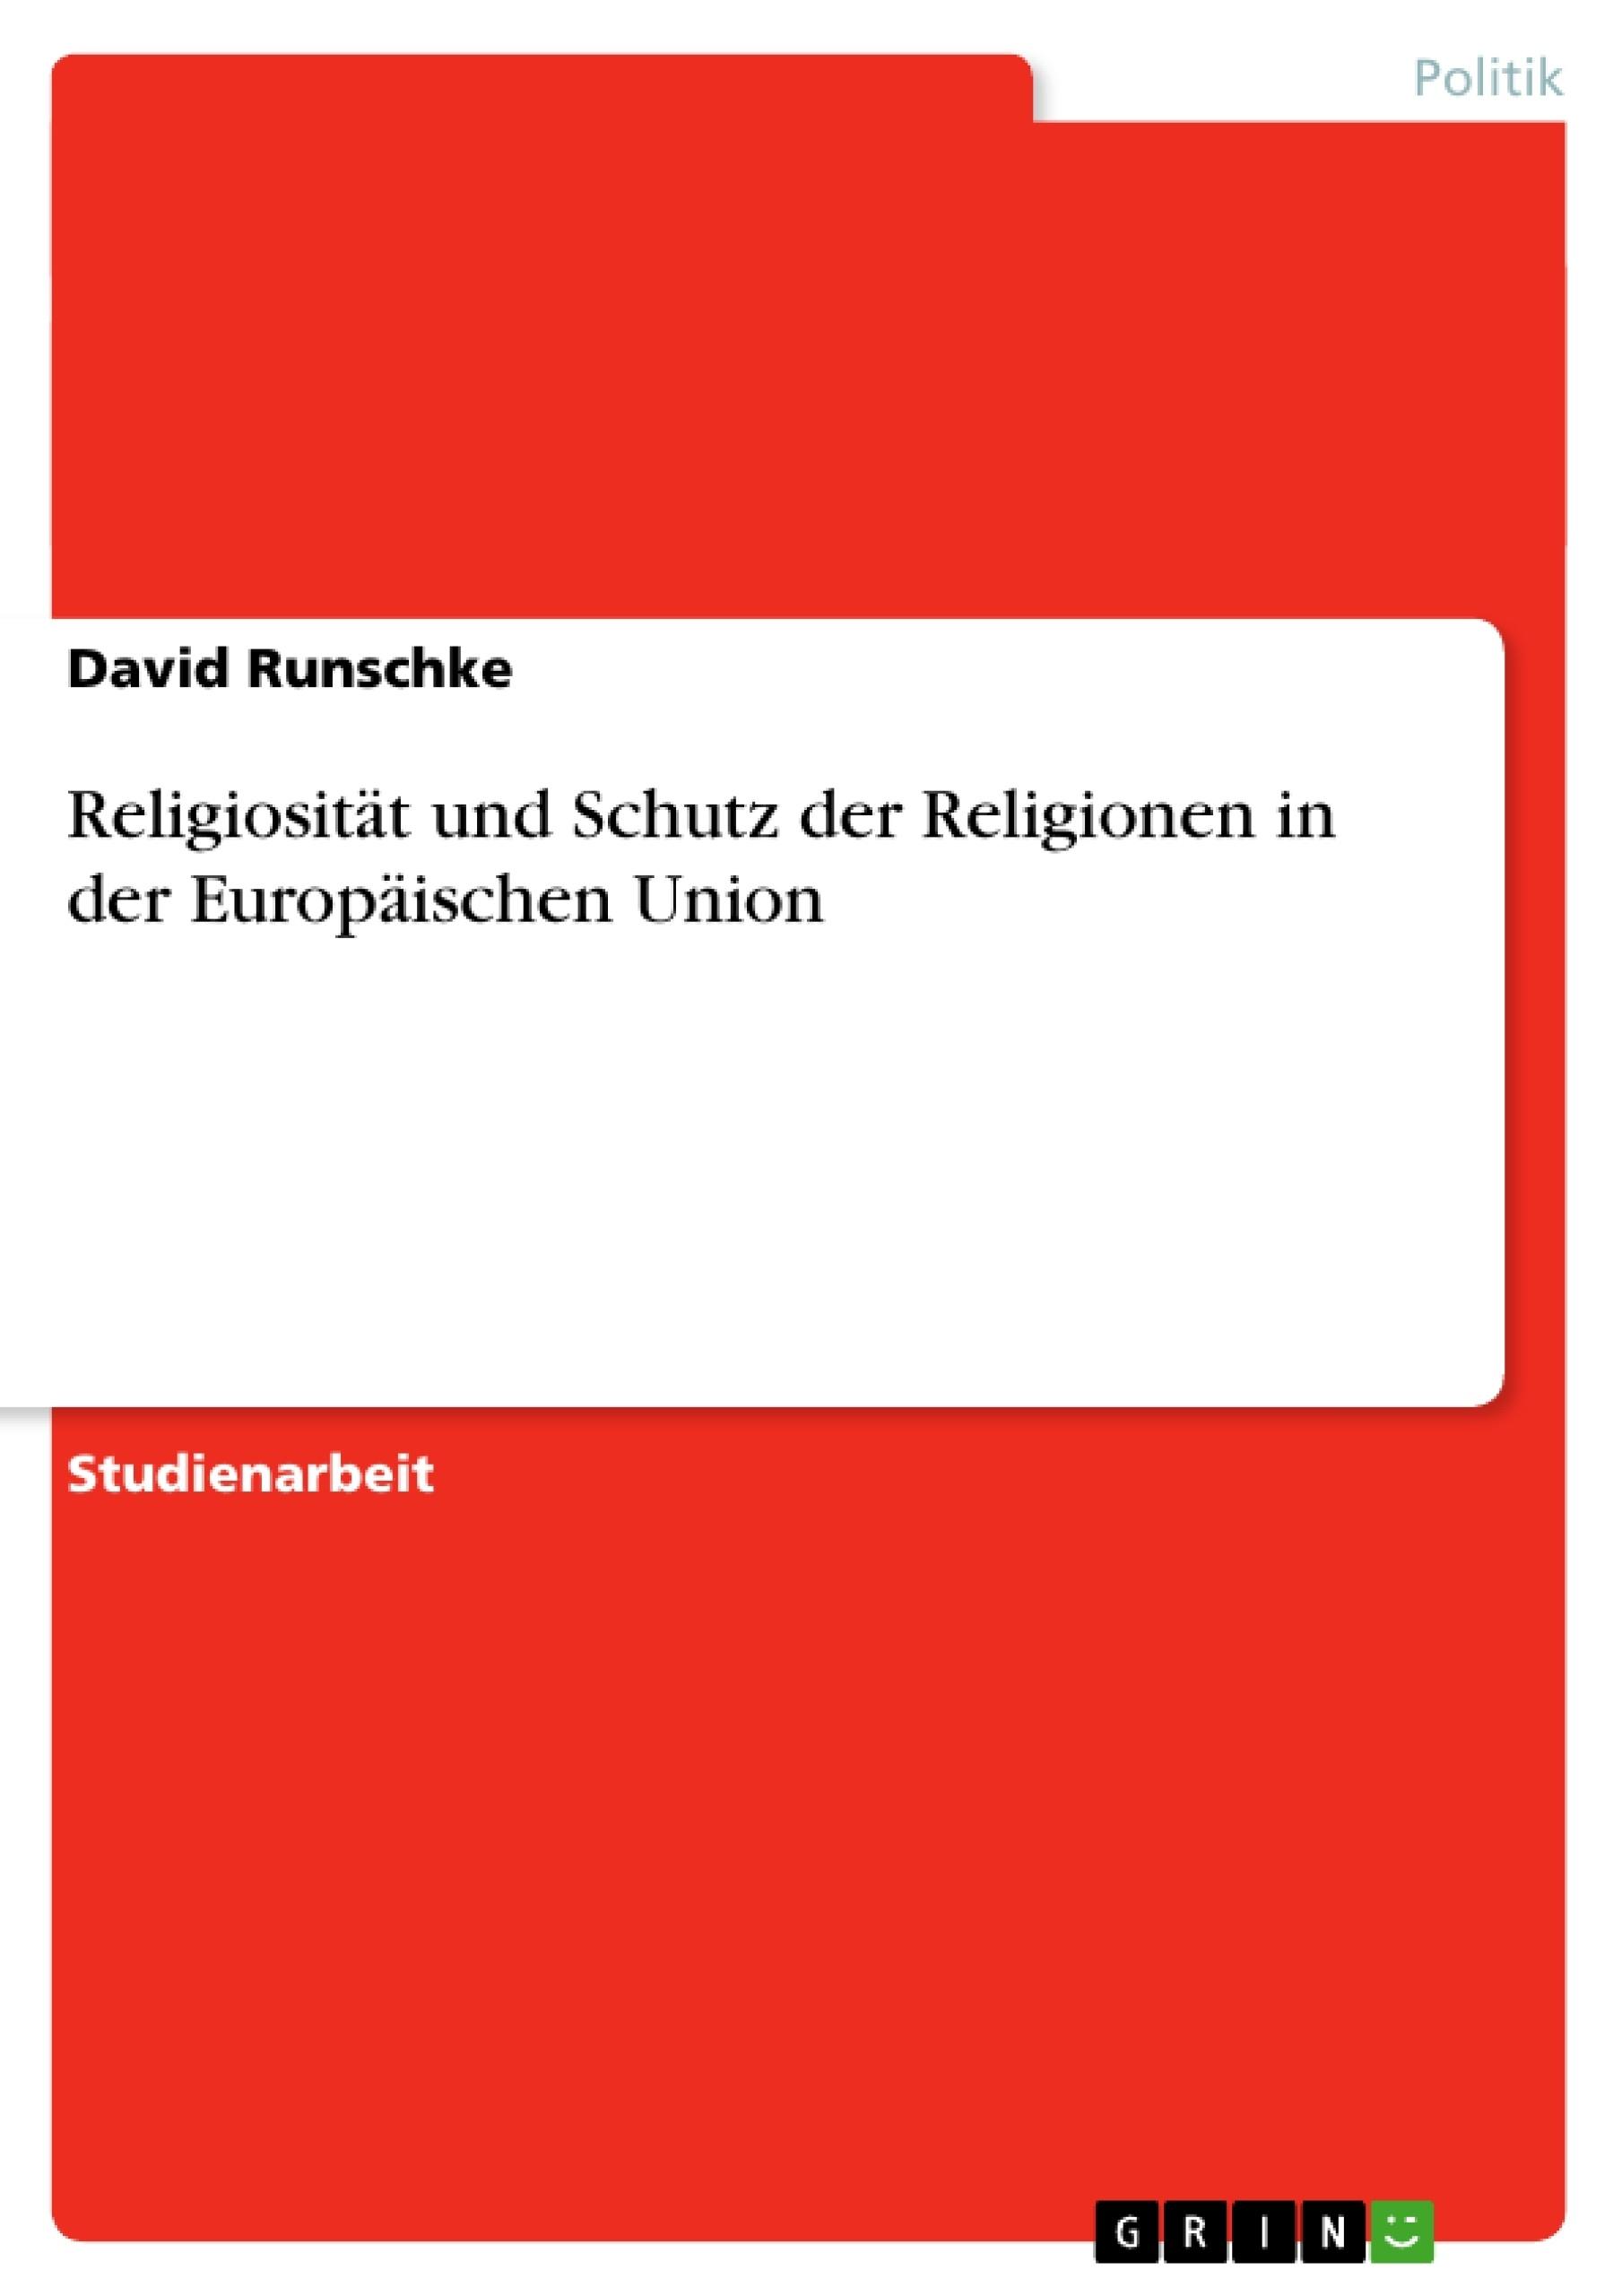 Titel: Religiosität und Schutz der Religionen in der Europäischen Union